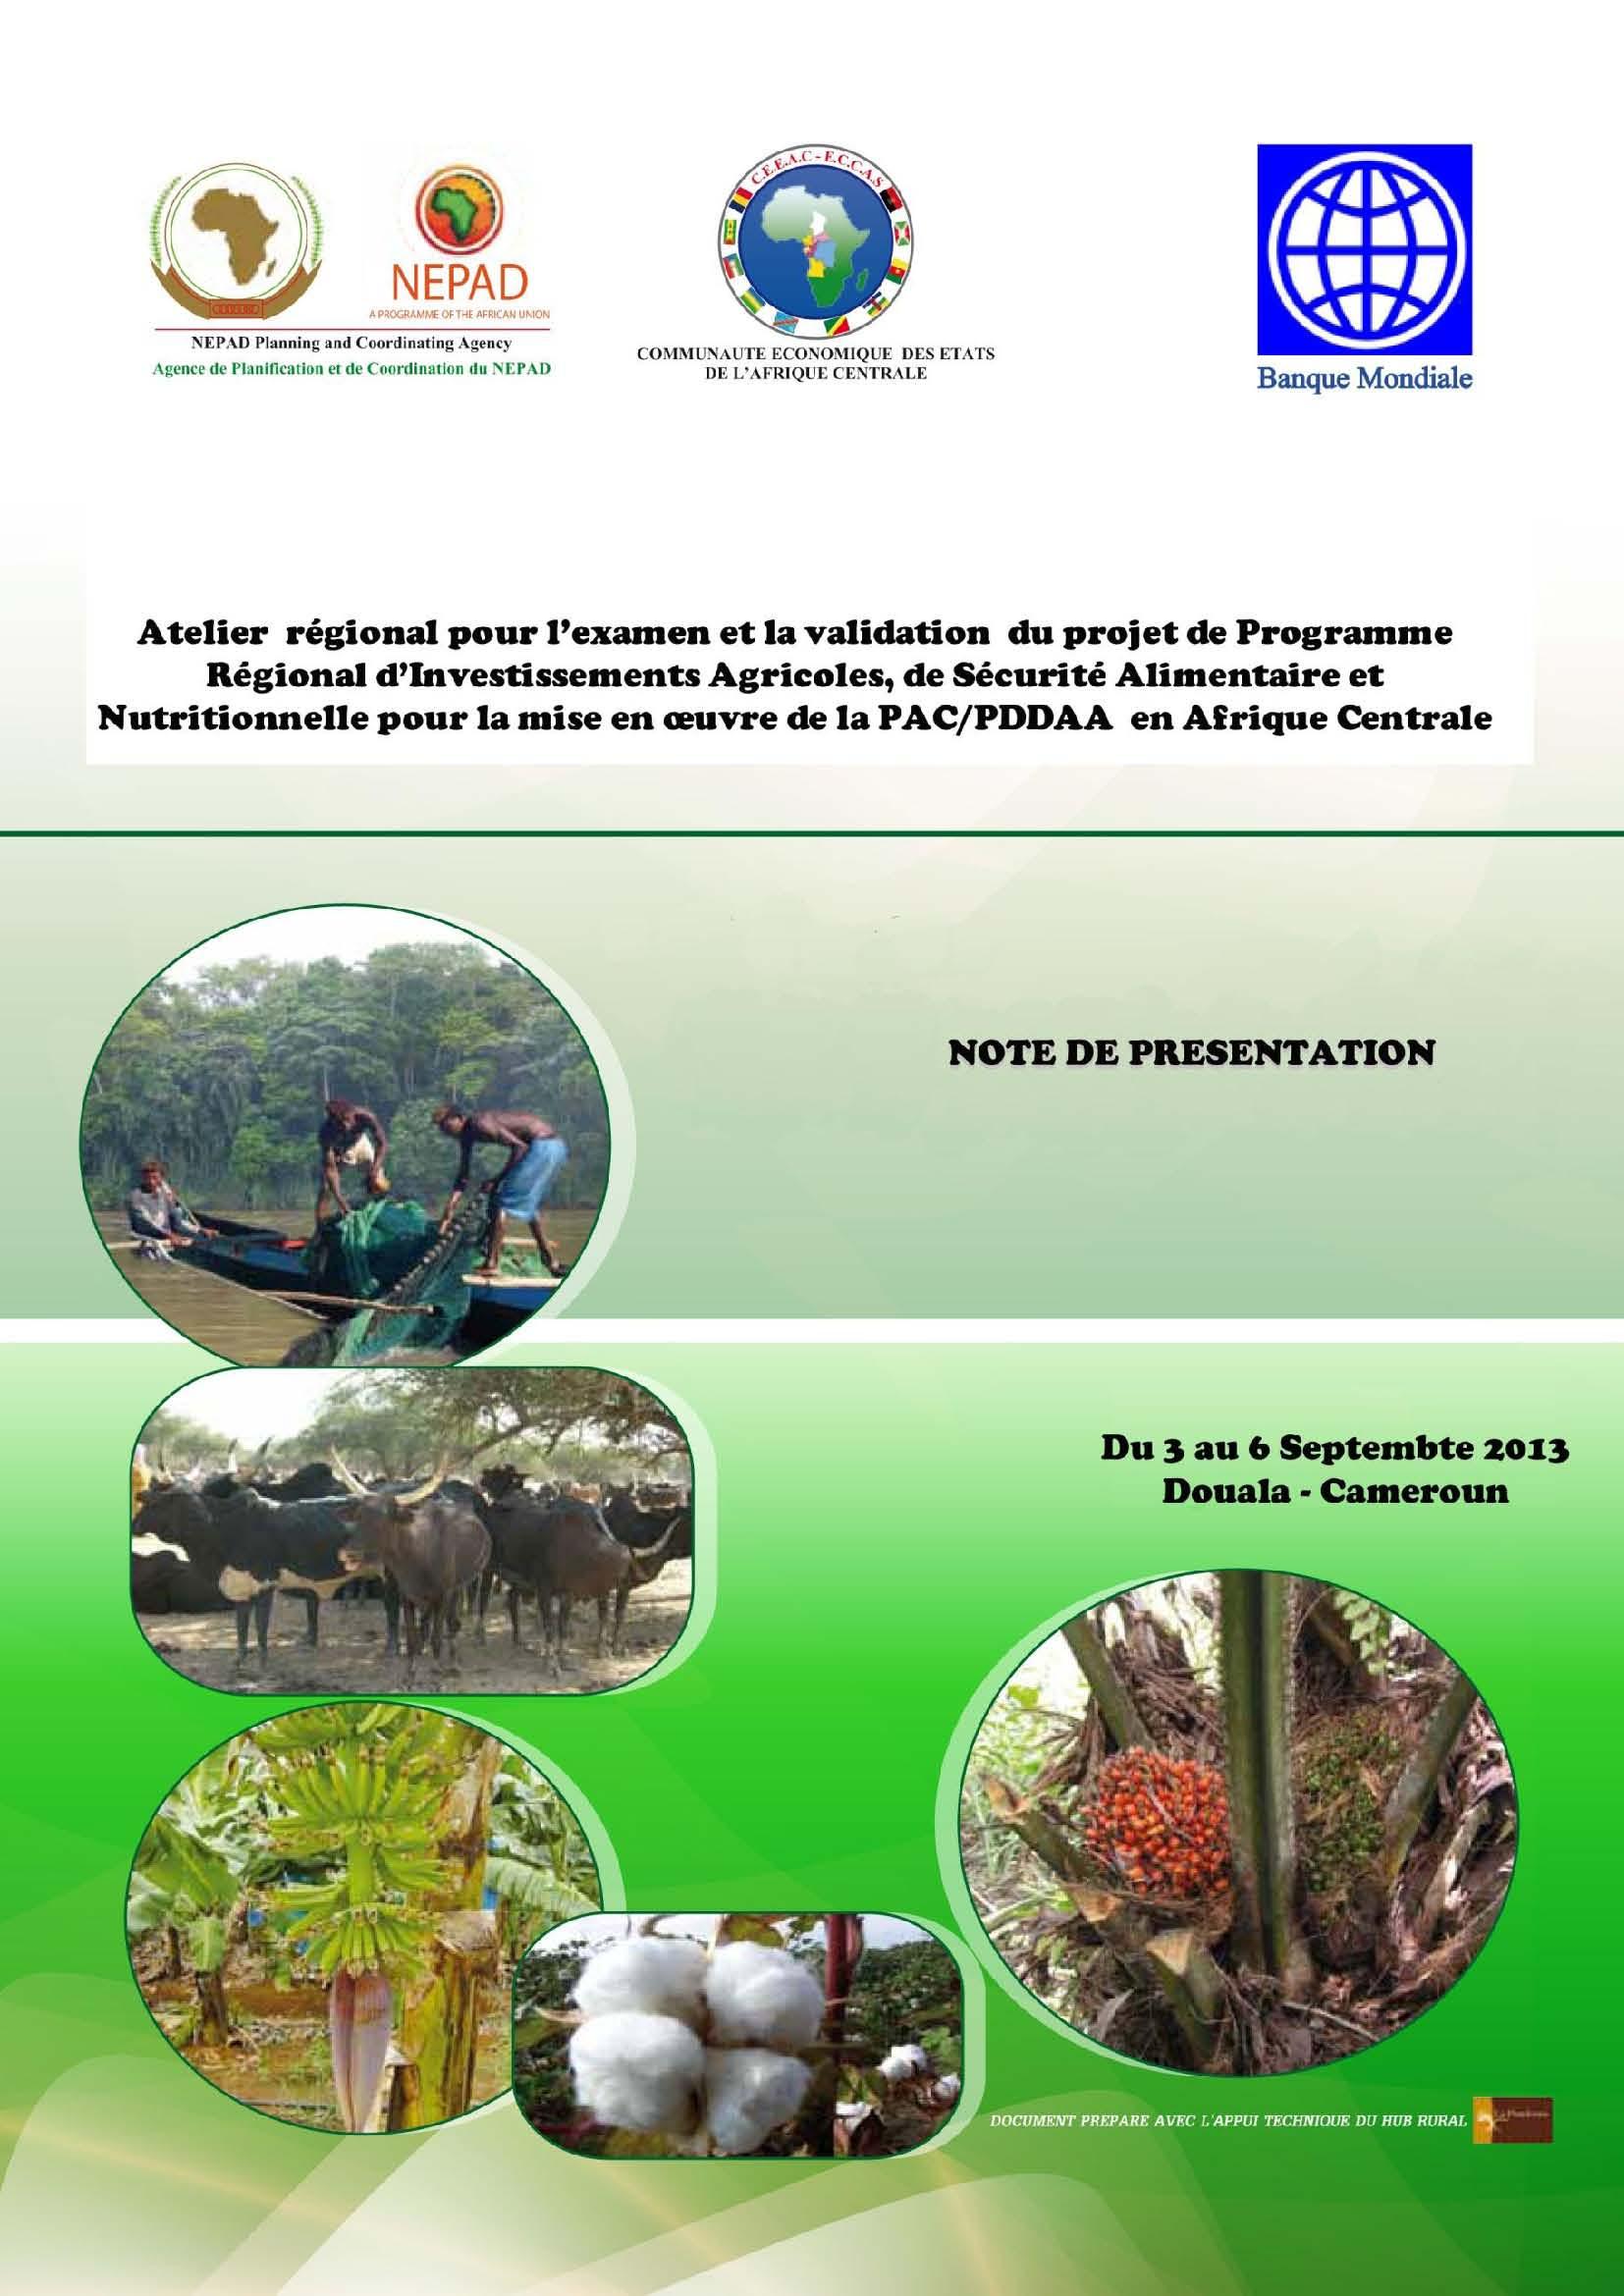 3-6 septembre 2013, Douala (Cameroun) - Atelier de validation du Programme Régional d'Investissement Agricole, de Sécurité Alimentaire et Nutritionnelle de la CEEAC